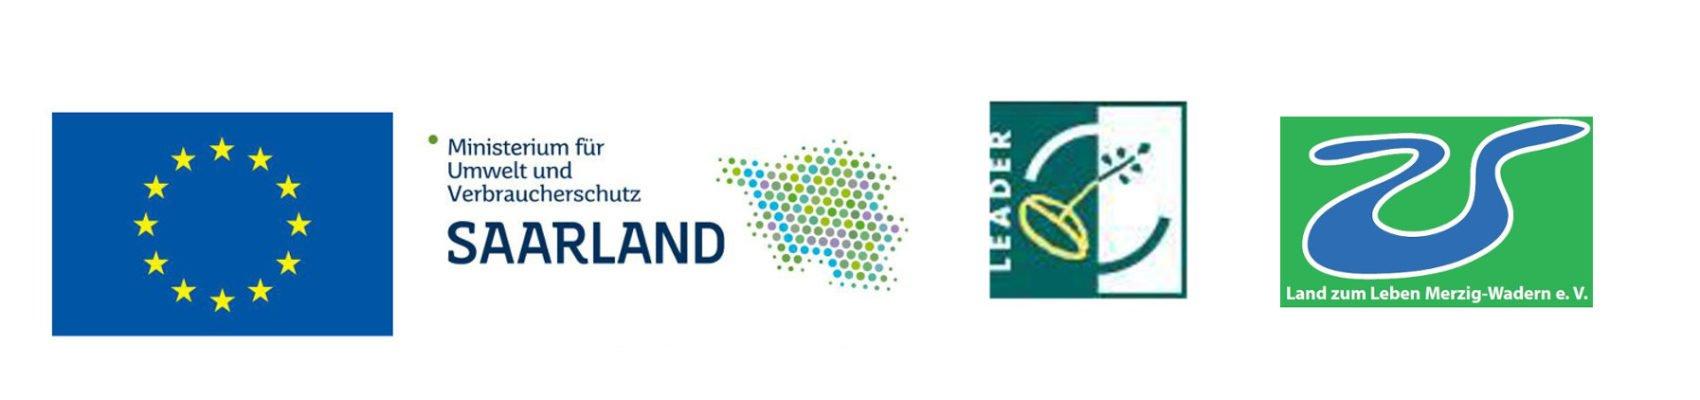 Logos: EU, Ministerium für Umwelt und Verbraucherschutz, LAG und Leader